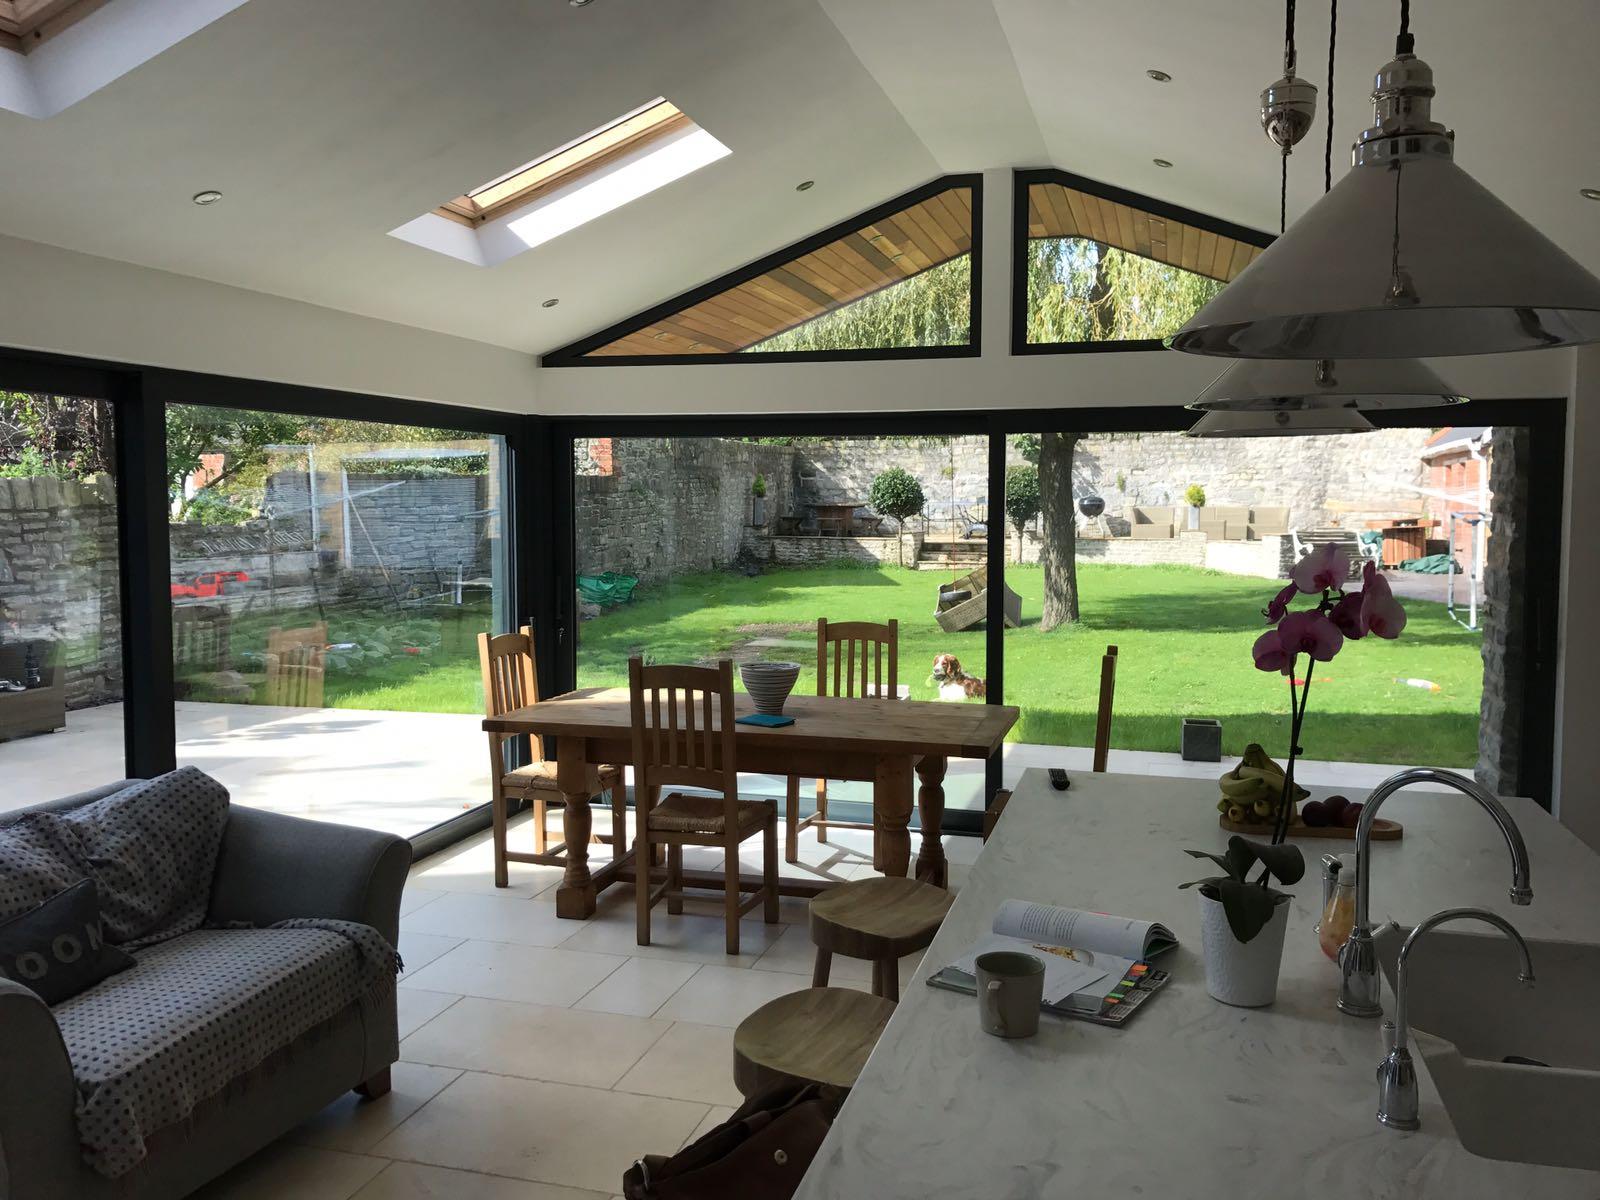 Glasshouse image 3